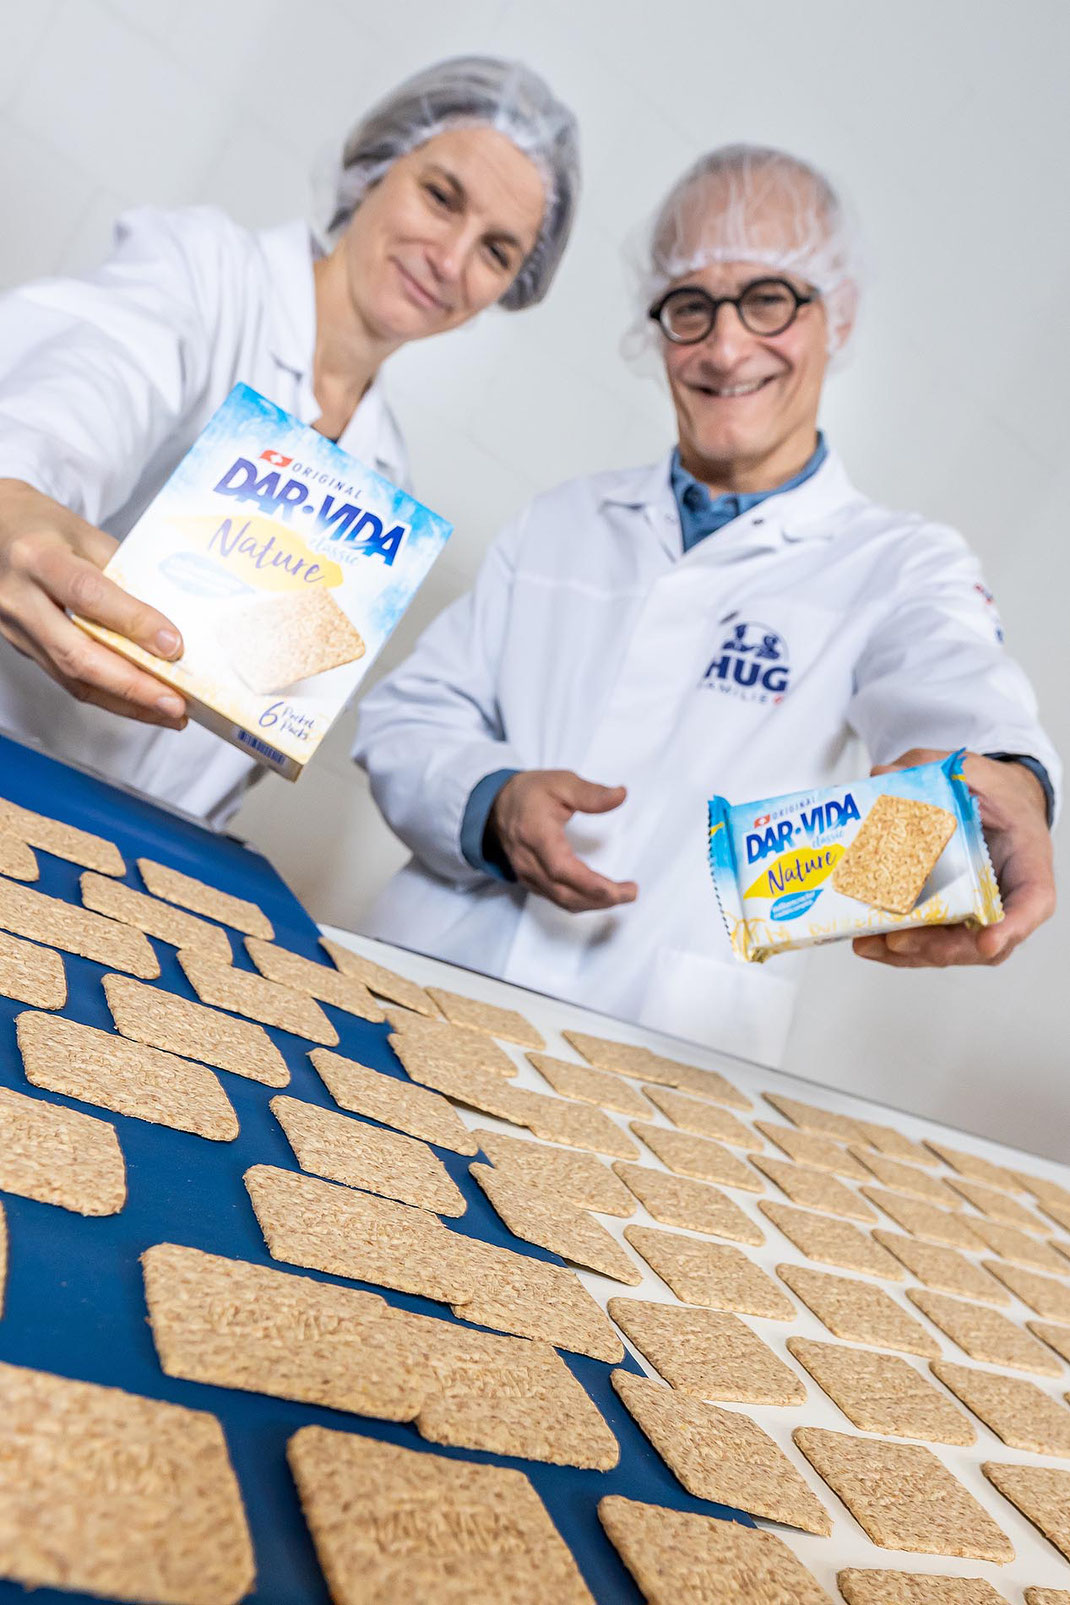 Anna und Andreas HUG sind stolz auf ihr beliebtes DAR-VIDA